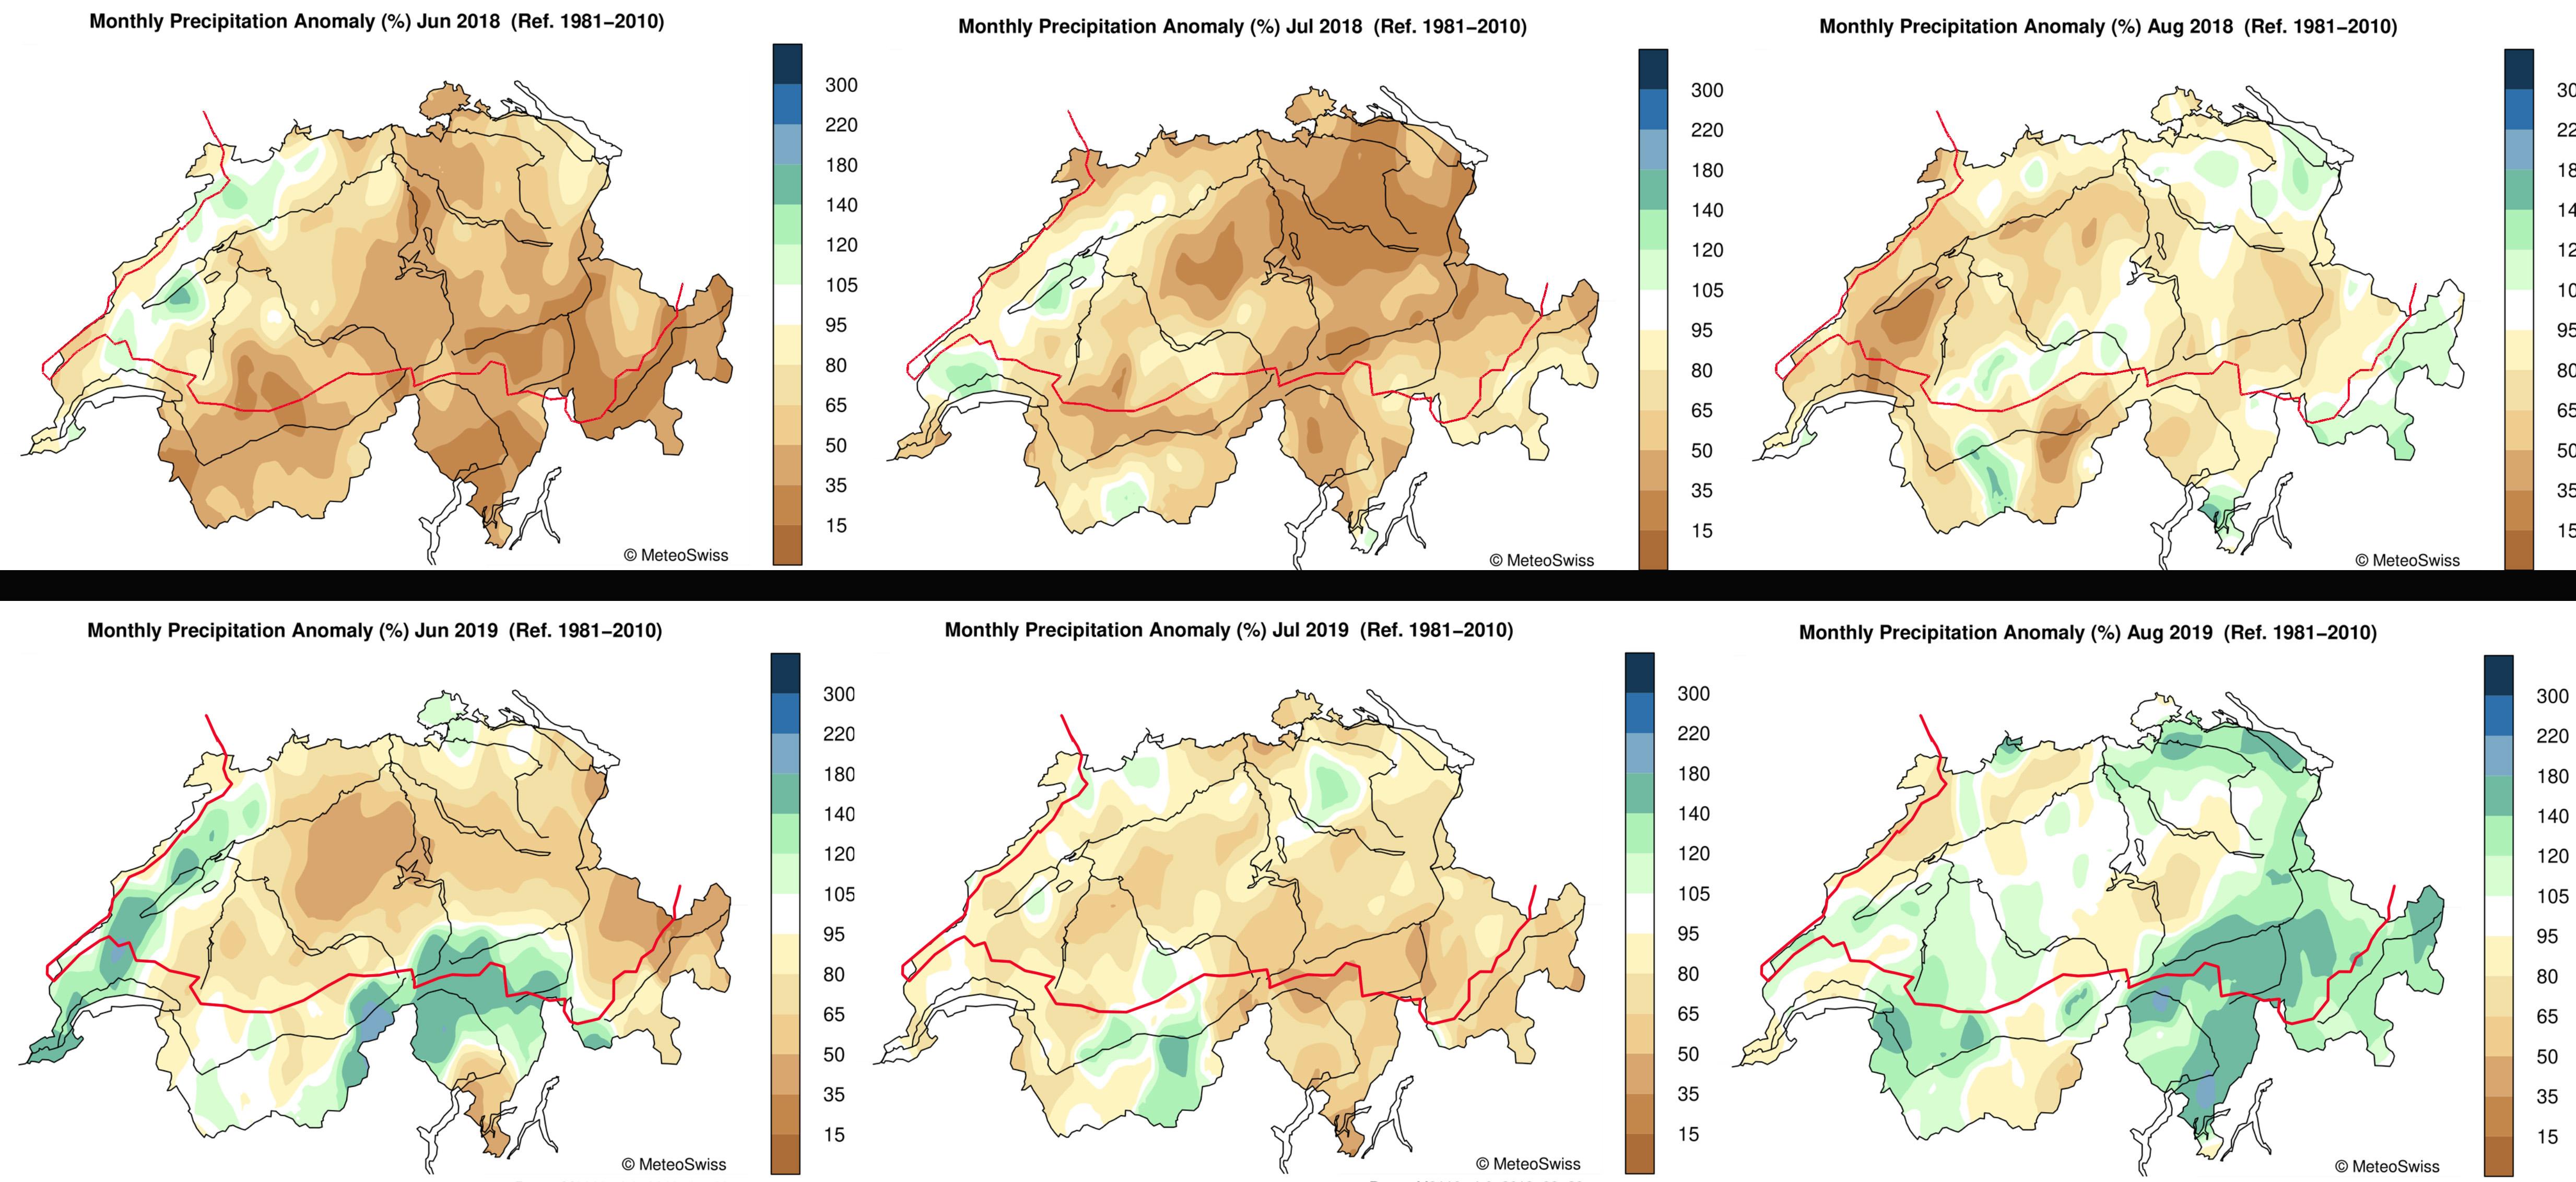 Zomerneerslag Zwitserland in 2018 (boven) en 2019 (onder) in percentage van het langjarig gemiddelde (de rode lijn is de grens van het stroomgebied van de Rijn).